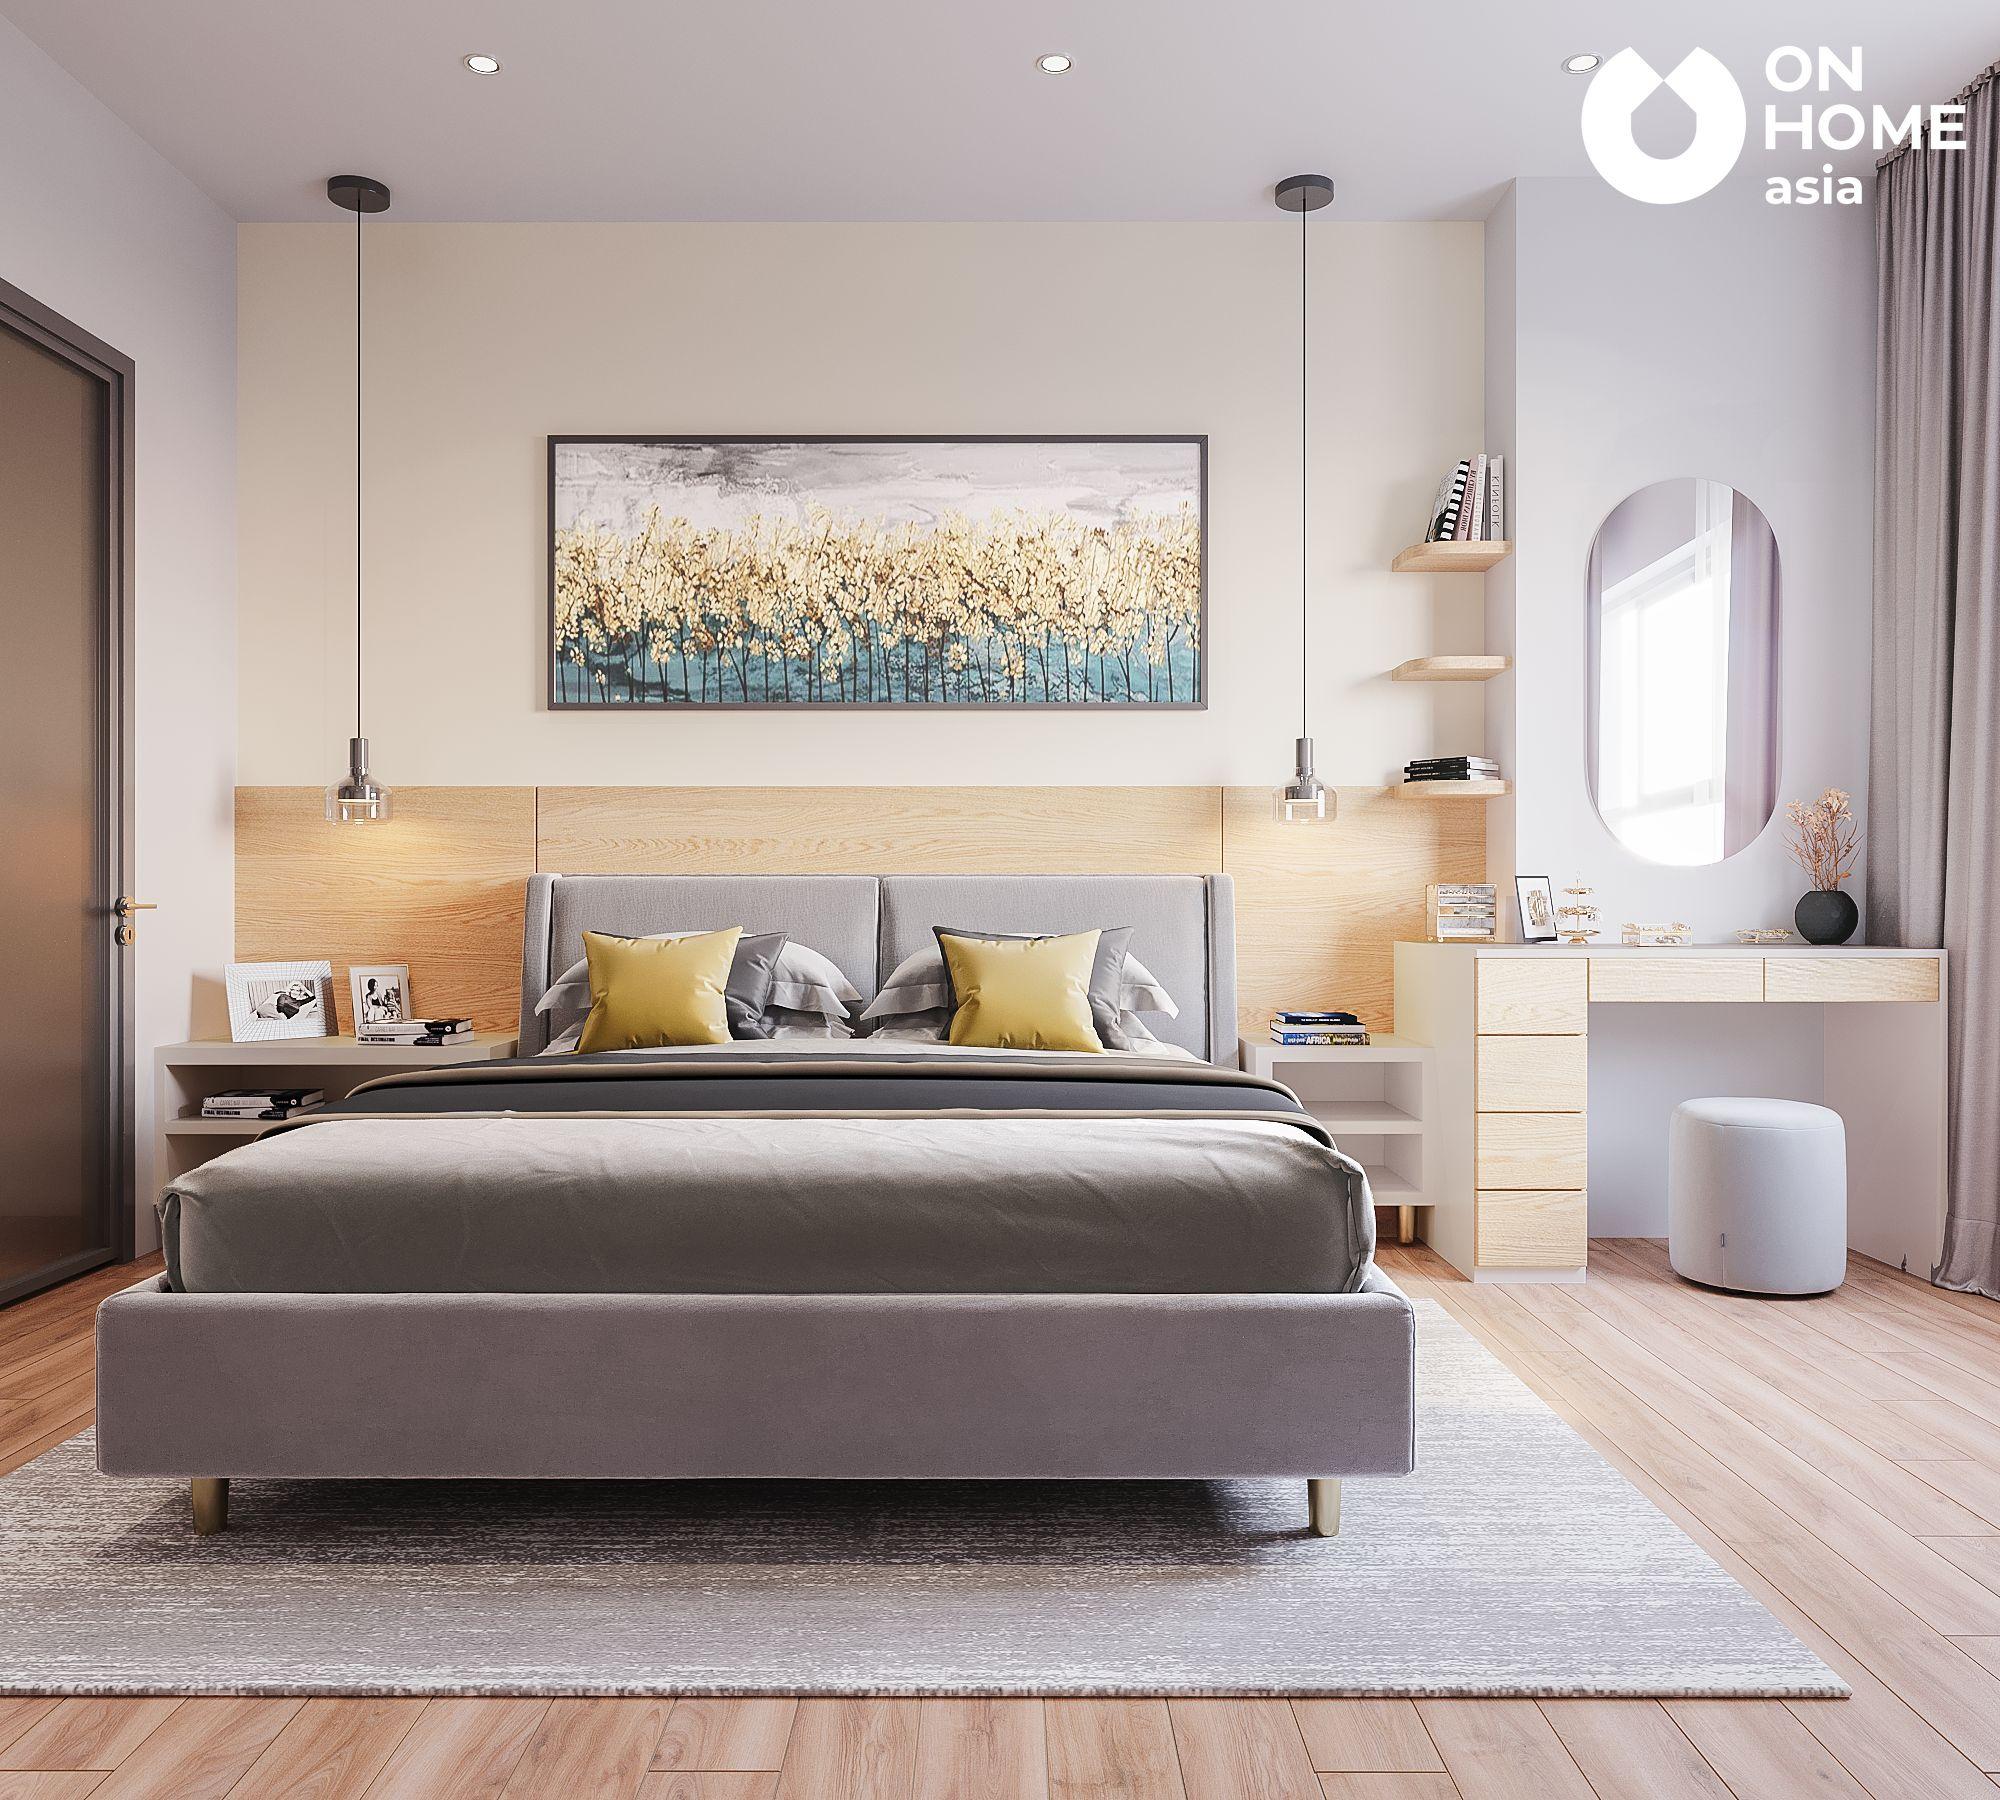 Thiết kế nội thất phòng ngủ lớn căn hộ 3 phòng ngủ